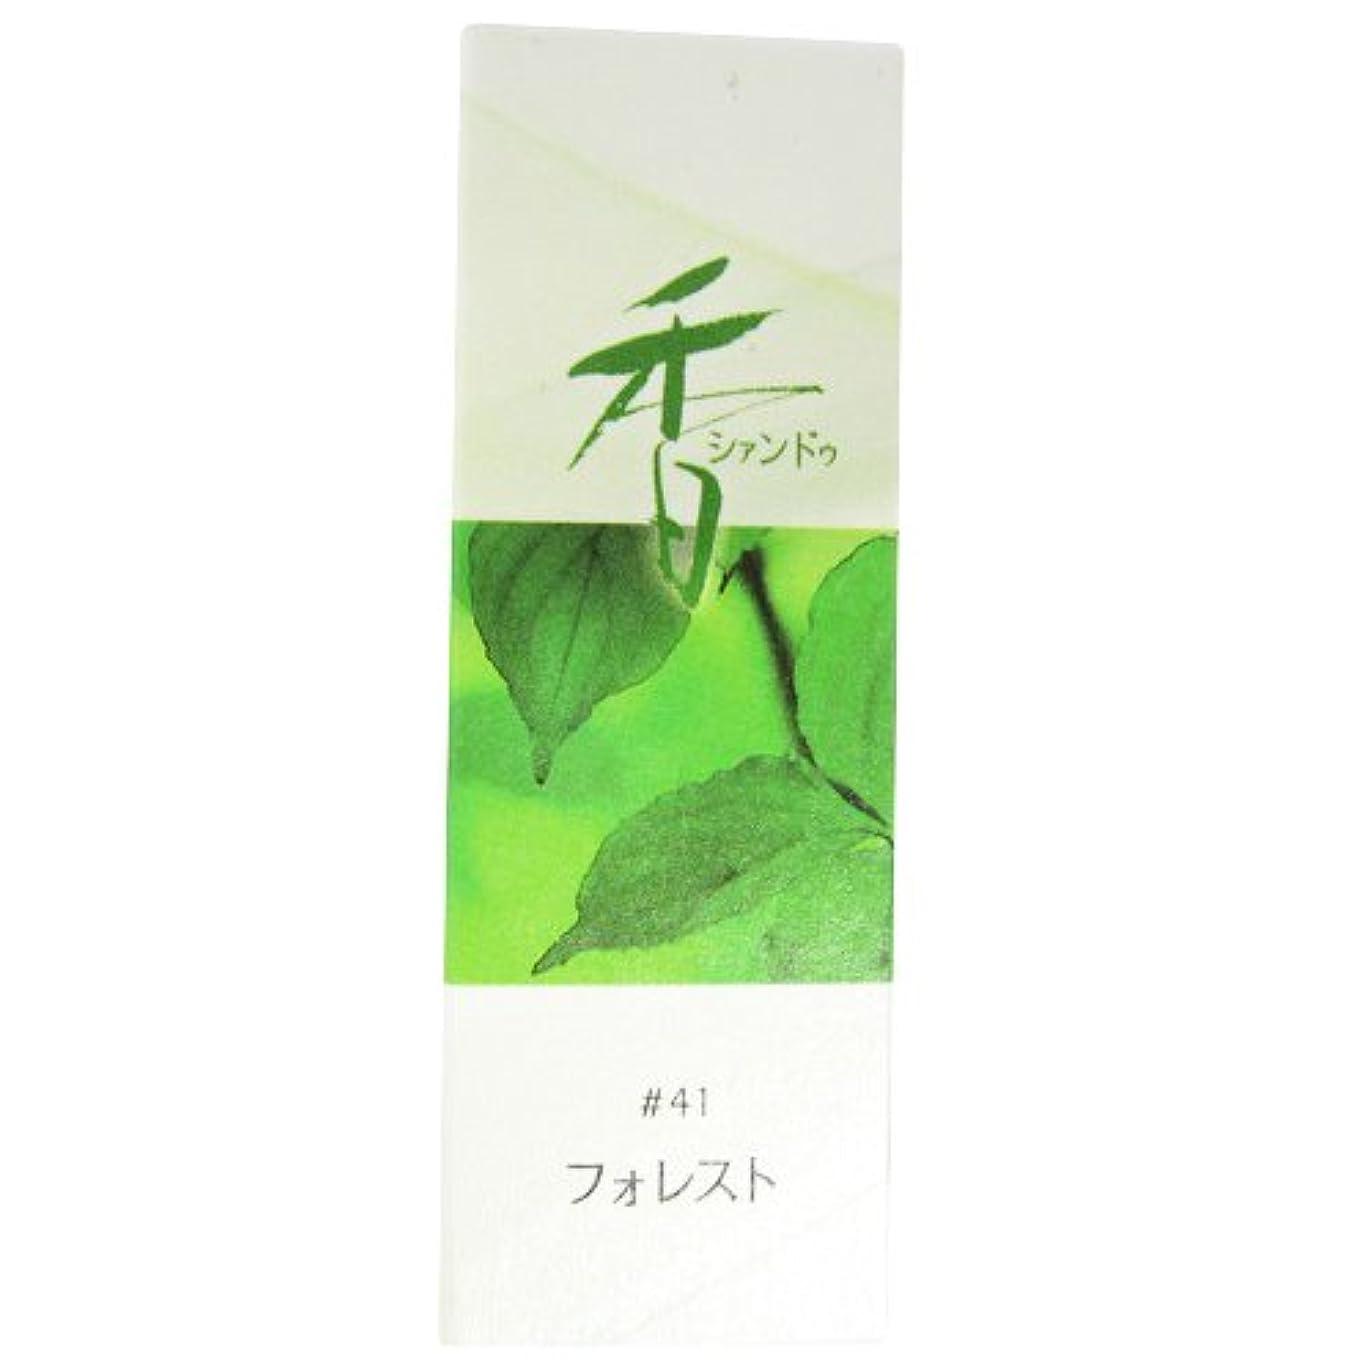 まで修正する乳剤松栄堂のお香 Xiang Do フォレスト ST20本入 簡易香立付 #214241